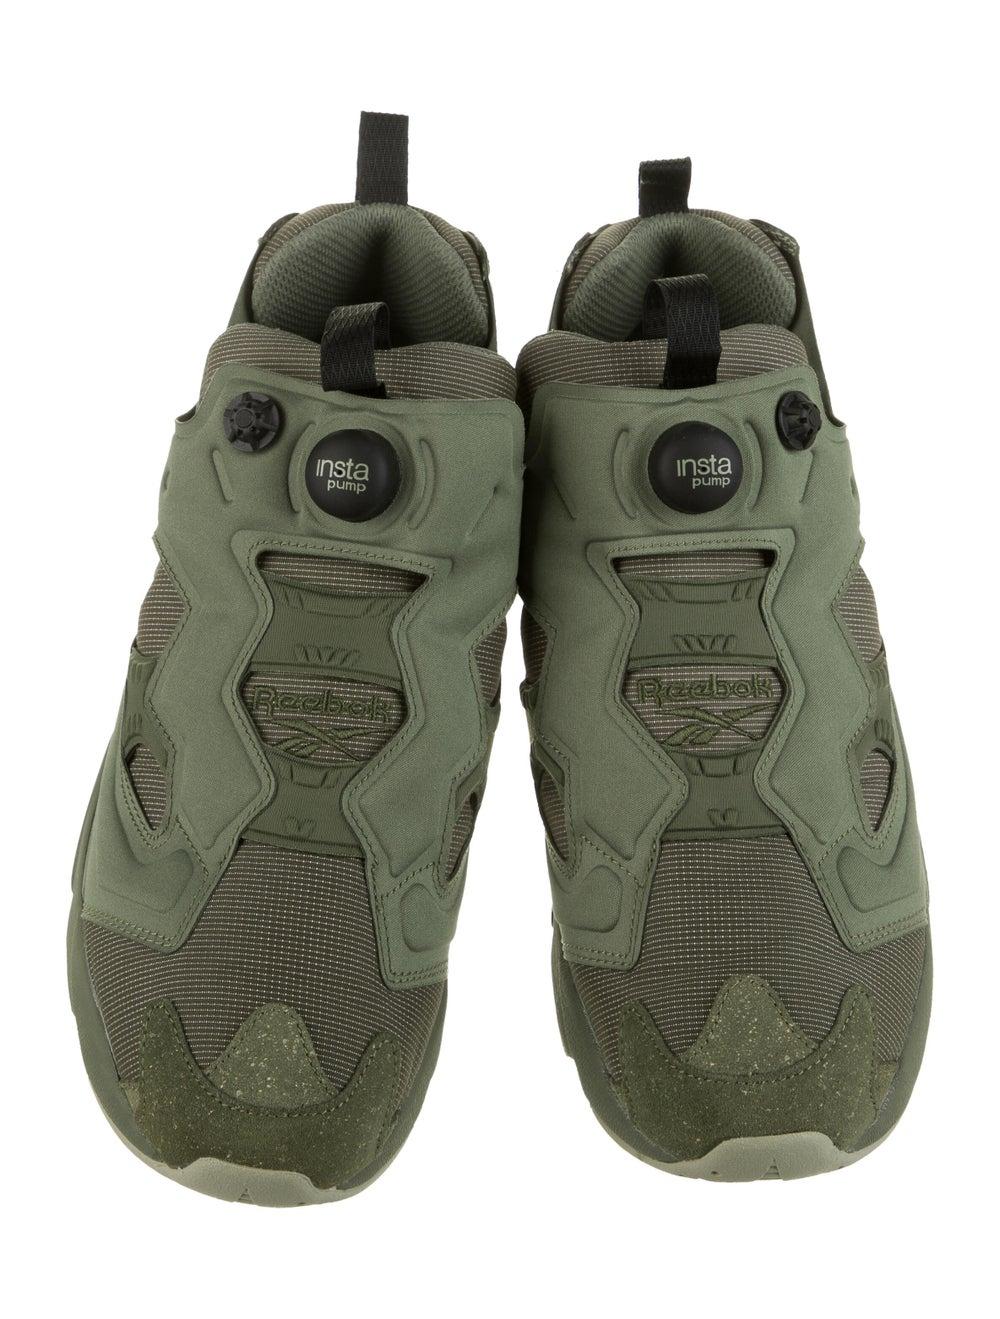 Reebok Instapump Fury Sneakers olive - image 3